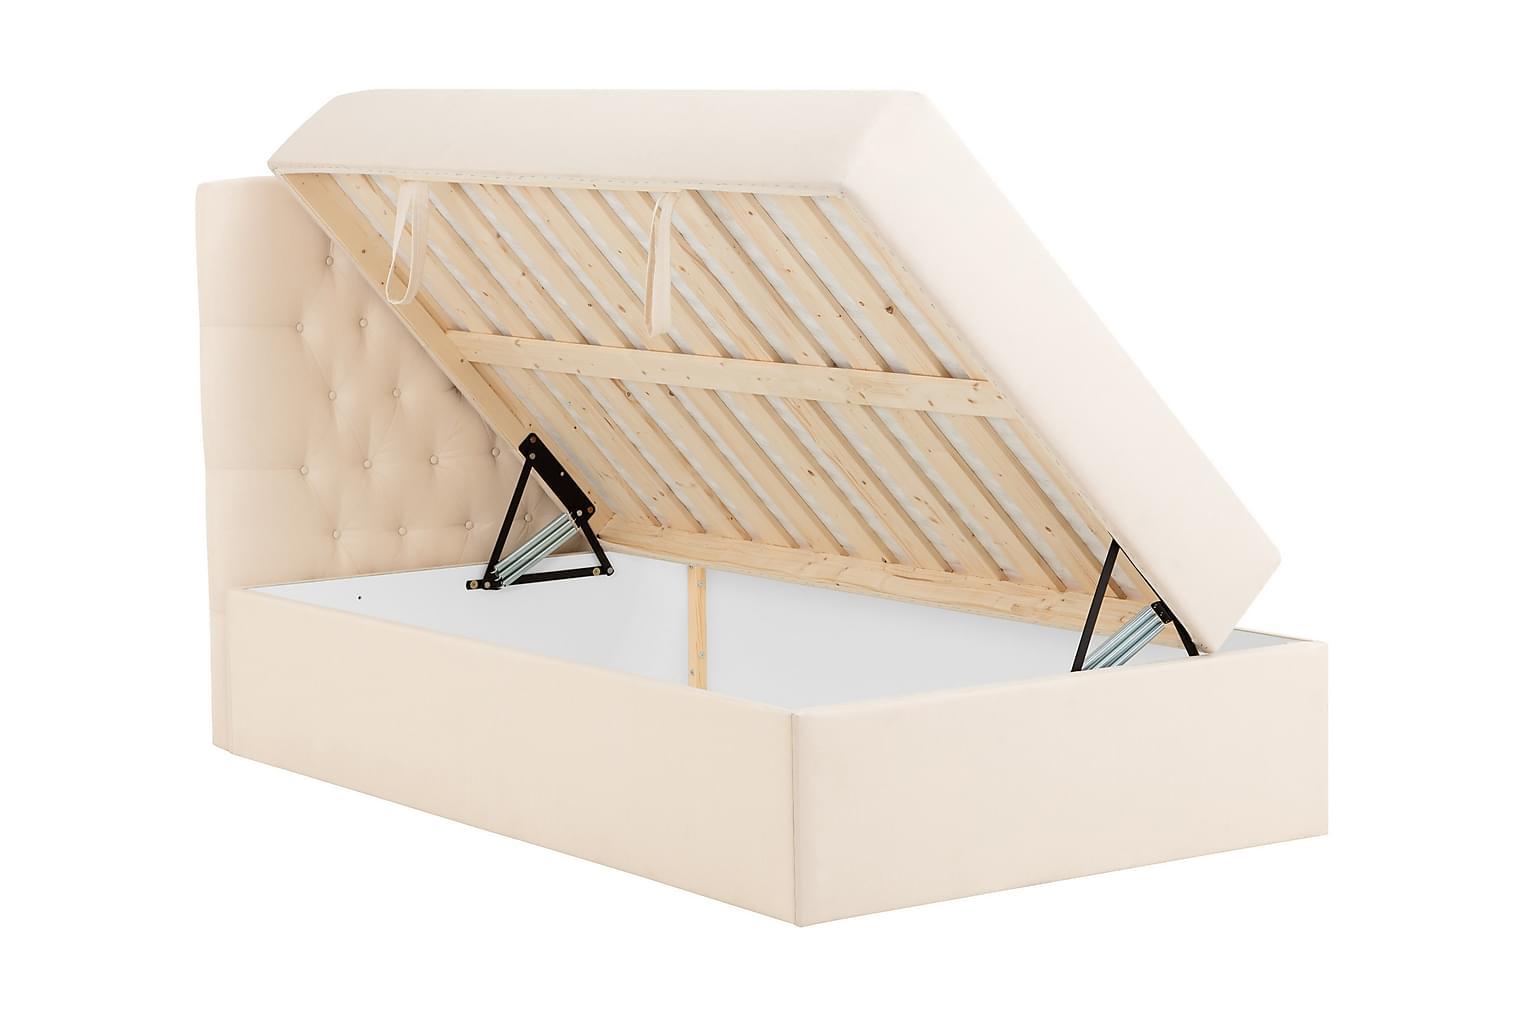 BOXBED Säilytyssänky 140 - Sänkypaketti Beige